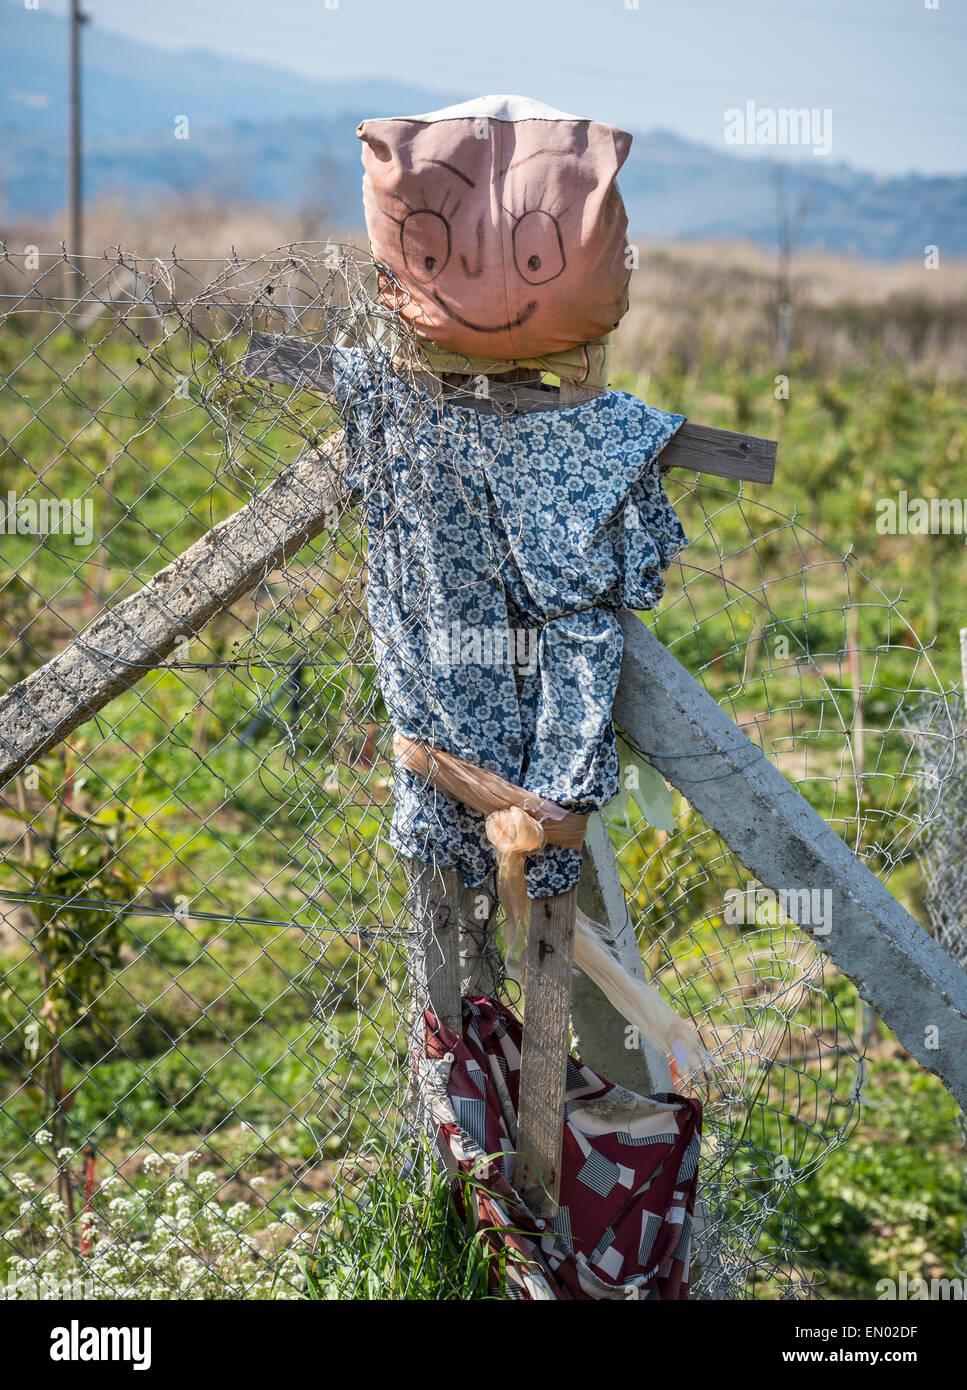 Un dordolec, una rag doll o effigie appesa in corrispondenza della zona di spigolo di un campo per scongiurare il Immagini Stock